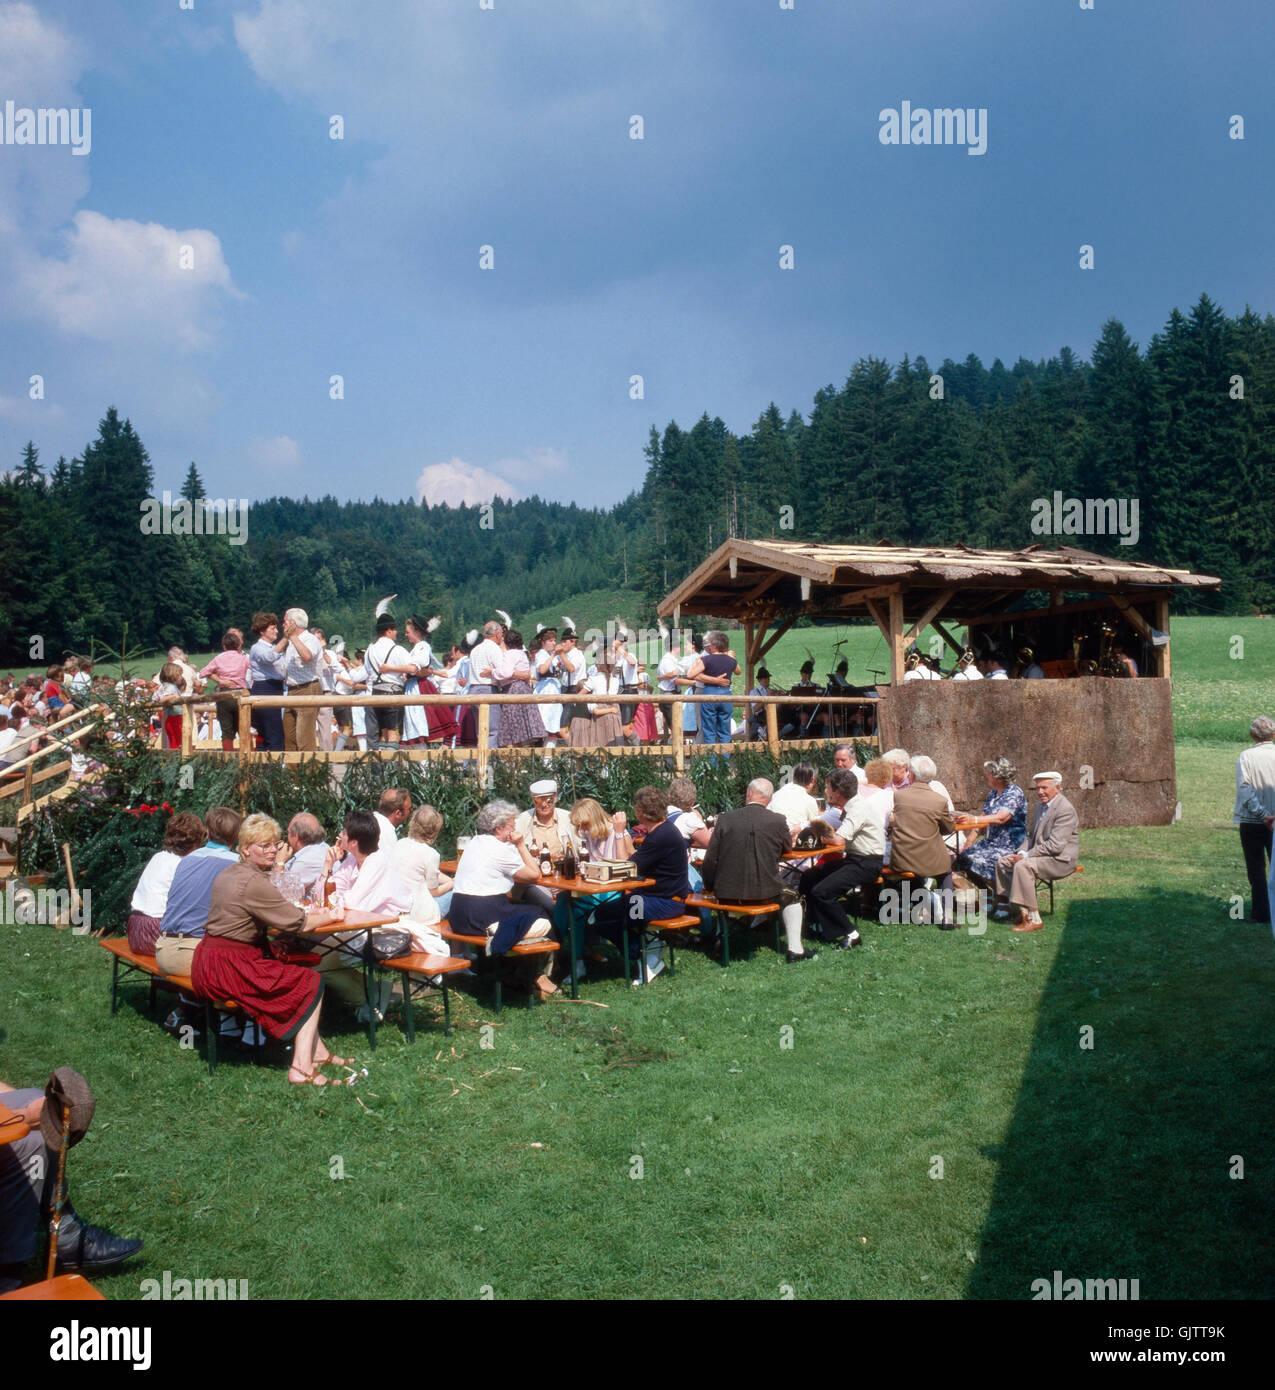 Oberbayern, Landkreis Traunstein, 1980er. Volksfest in der Nähe von Inzell. Volksfestbesucher. Upper Bavaria, - Stock Image